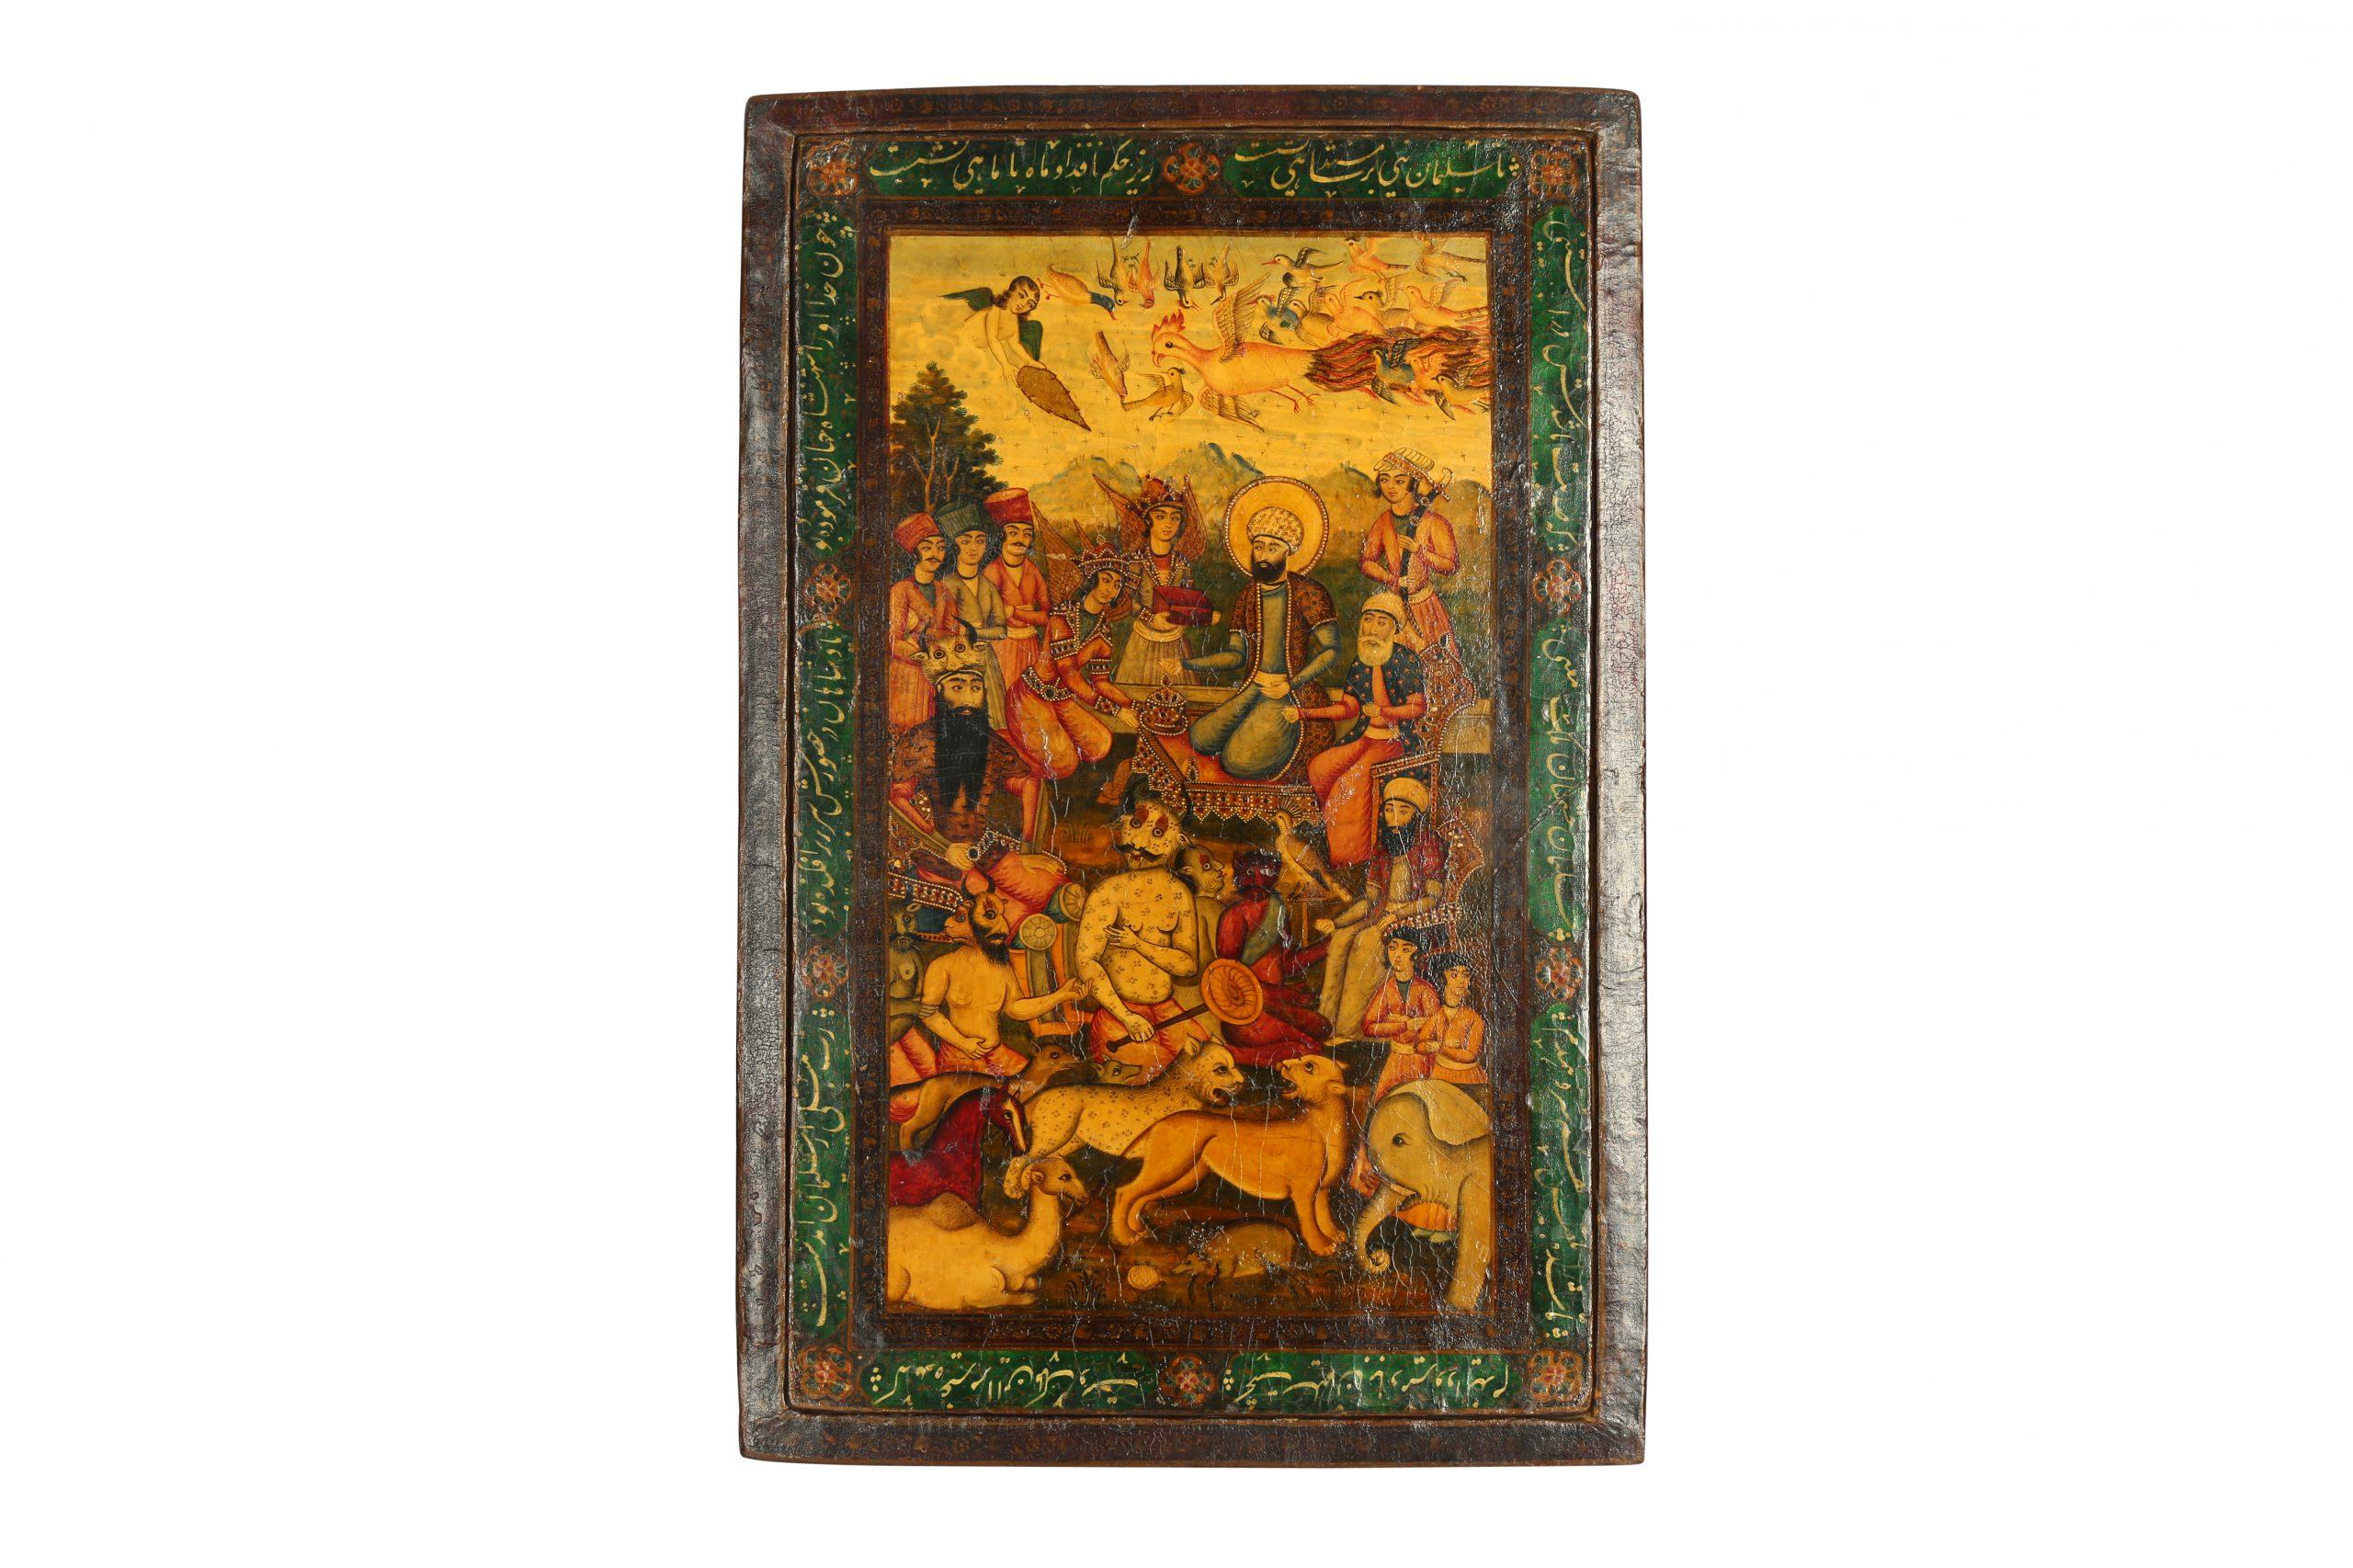 A Qajar lacquered papier-mâché mirror case. Iran, 19th century. Estimate £1,200 - £1,600